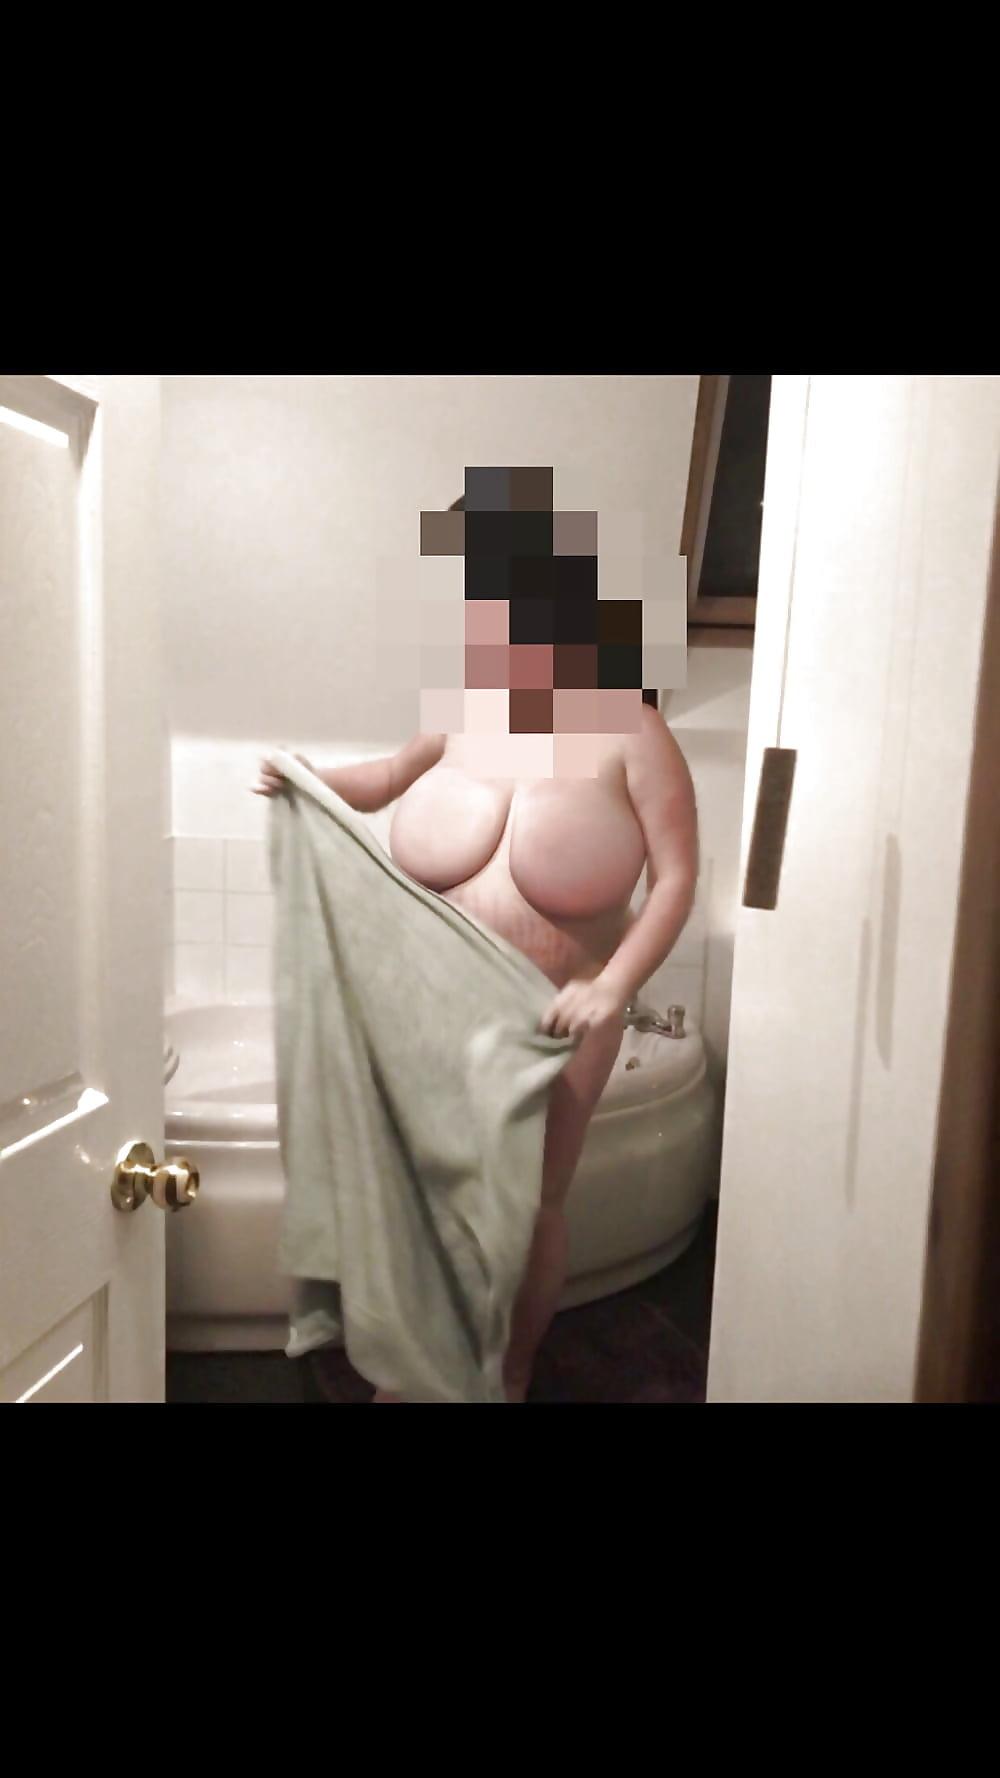 Hot naked tits pics-7918